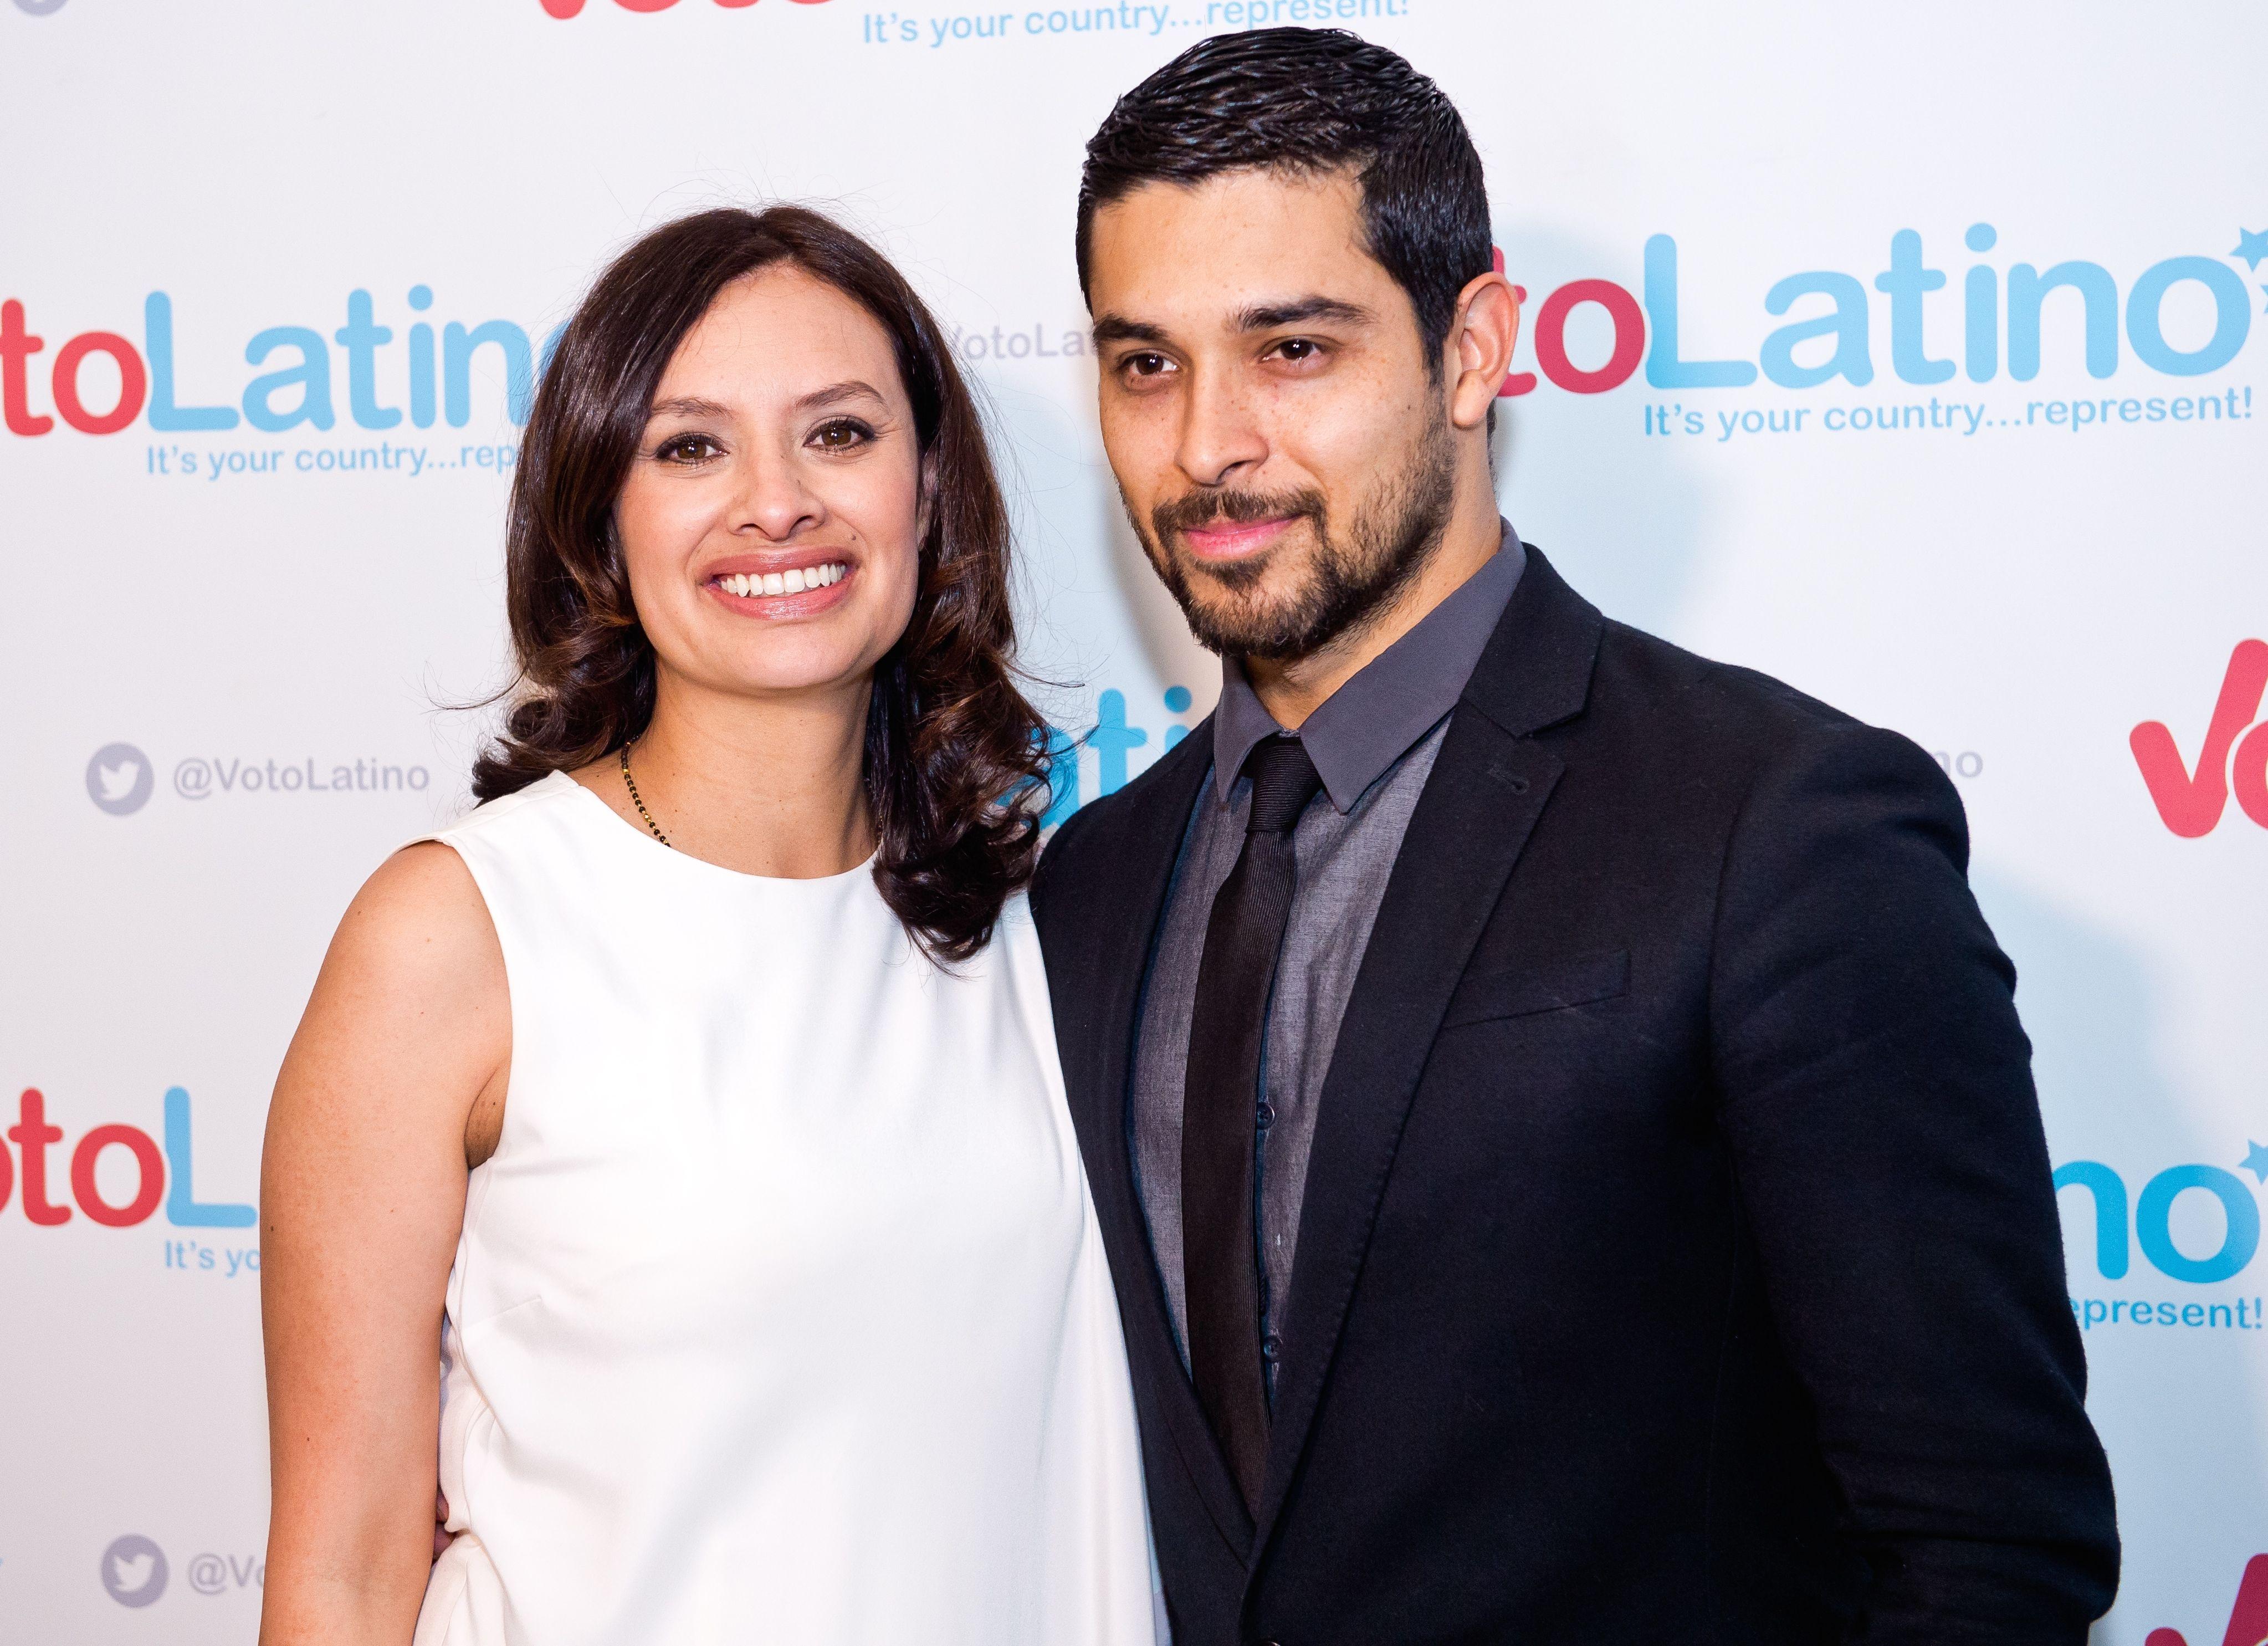 Voto Latino! | Hollywo... Rosario Dawson Politics